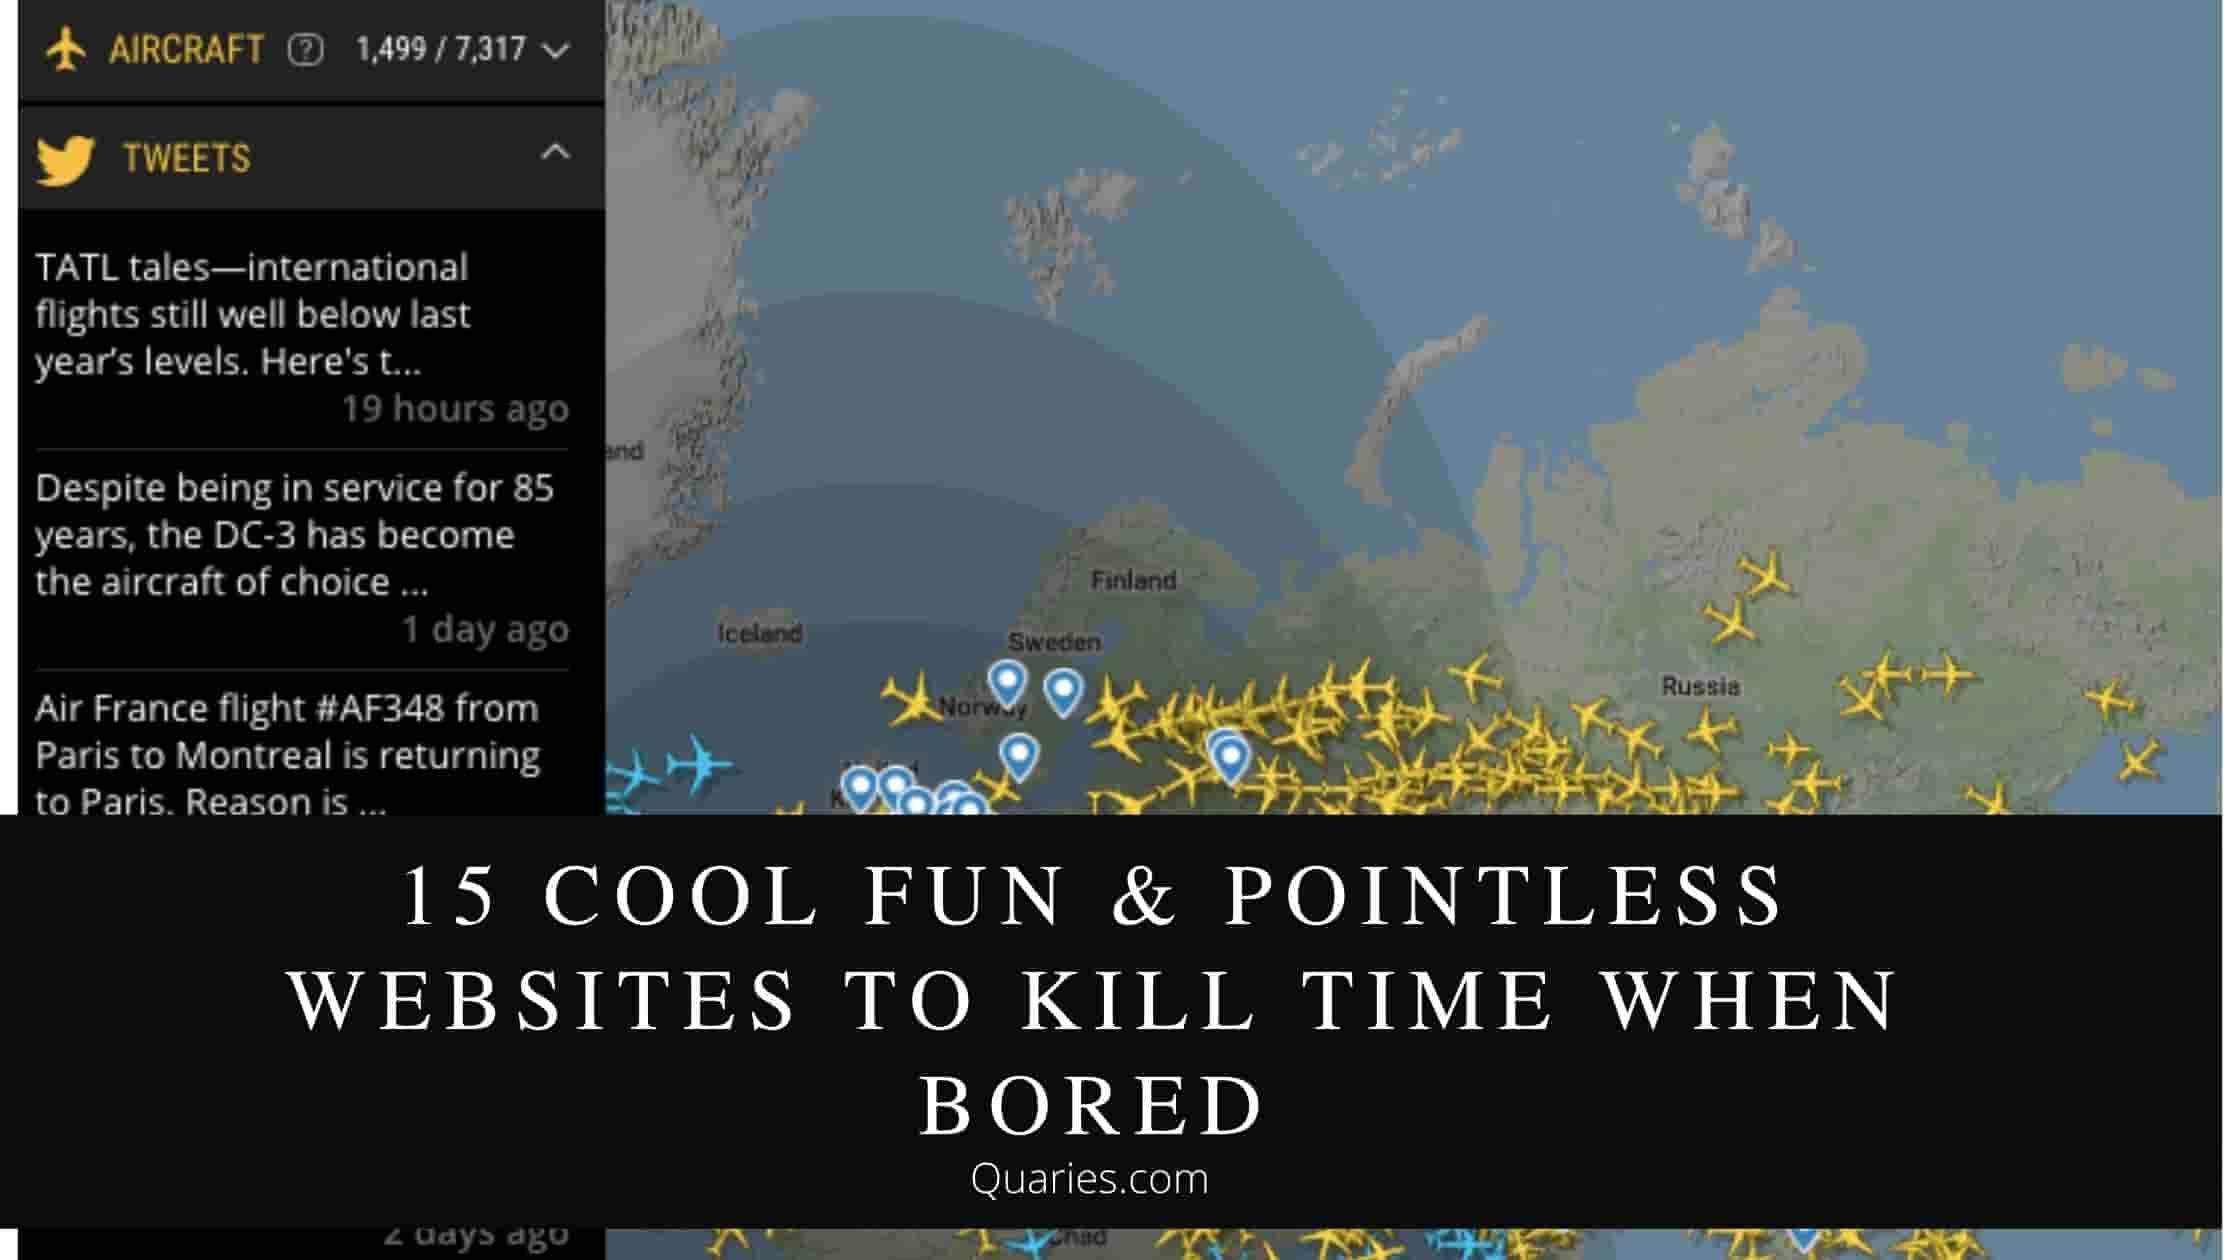 Cool Fun & Pointless Websites